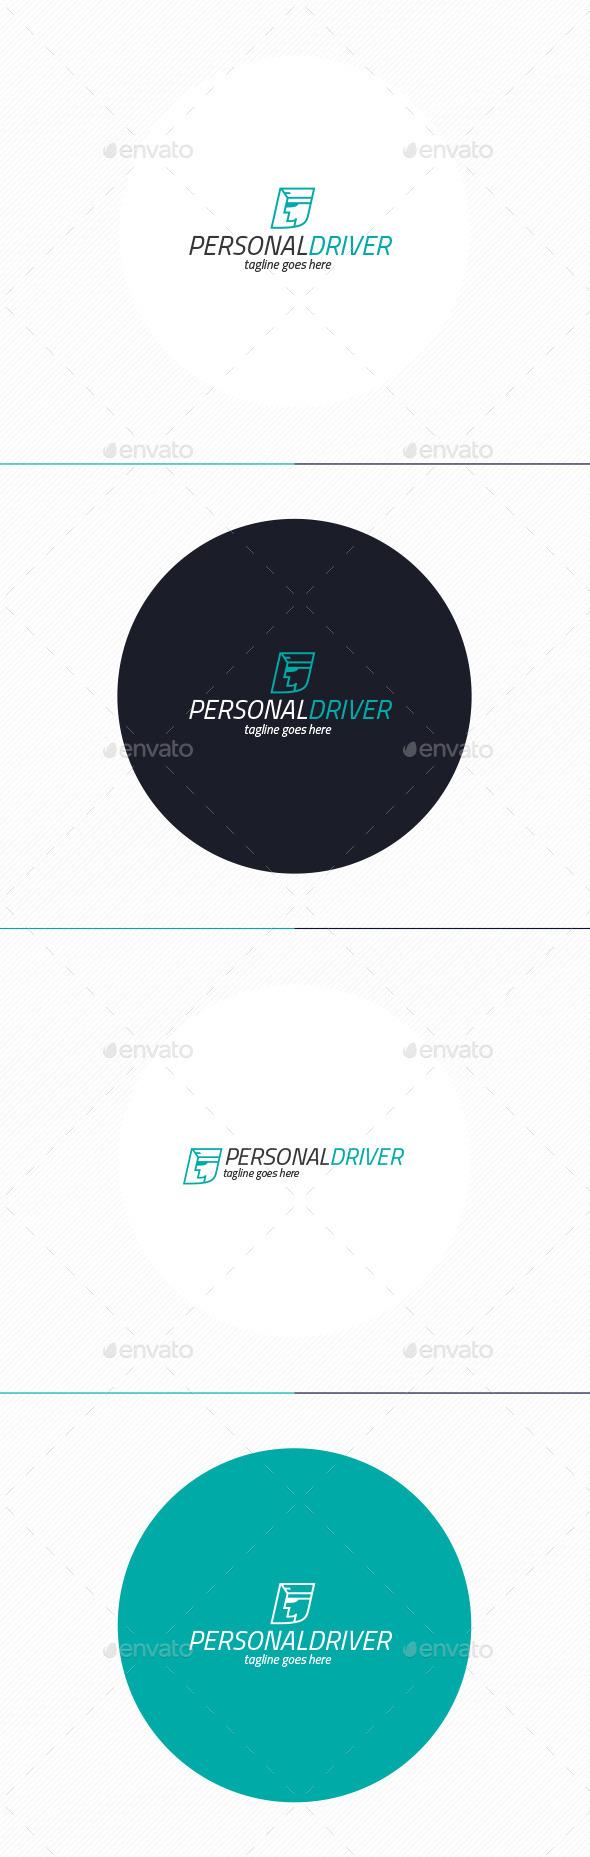 GraphicRiver Personal Driver Logo 10429574